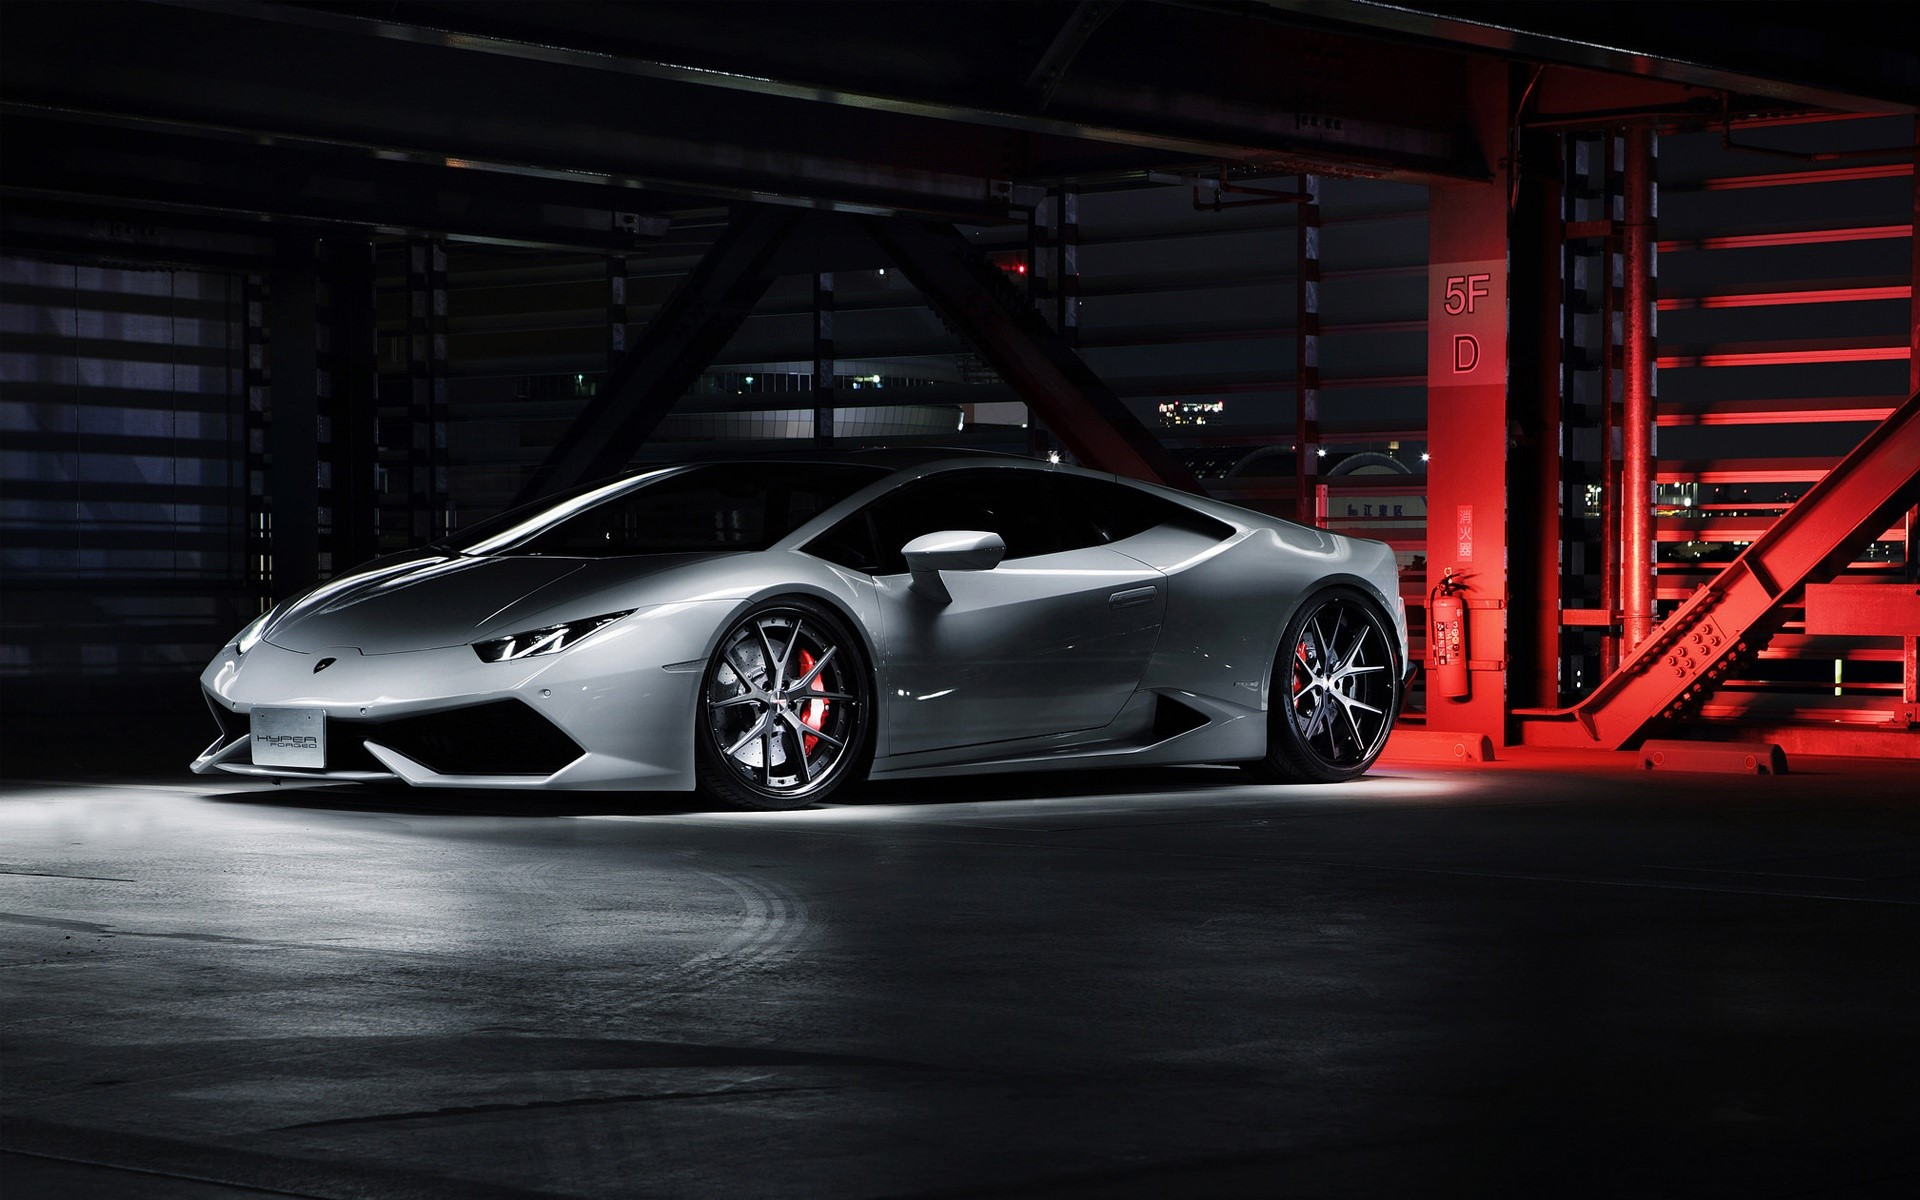 Fondo de pantalla de Lamborghini Huracan LP640 4 Imágenes